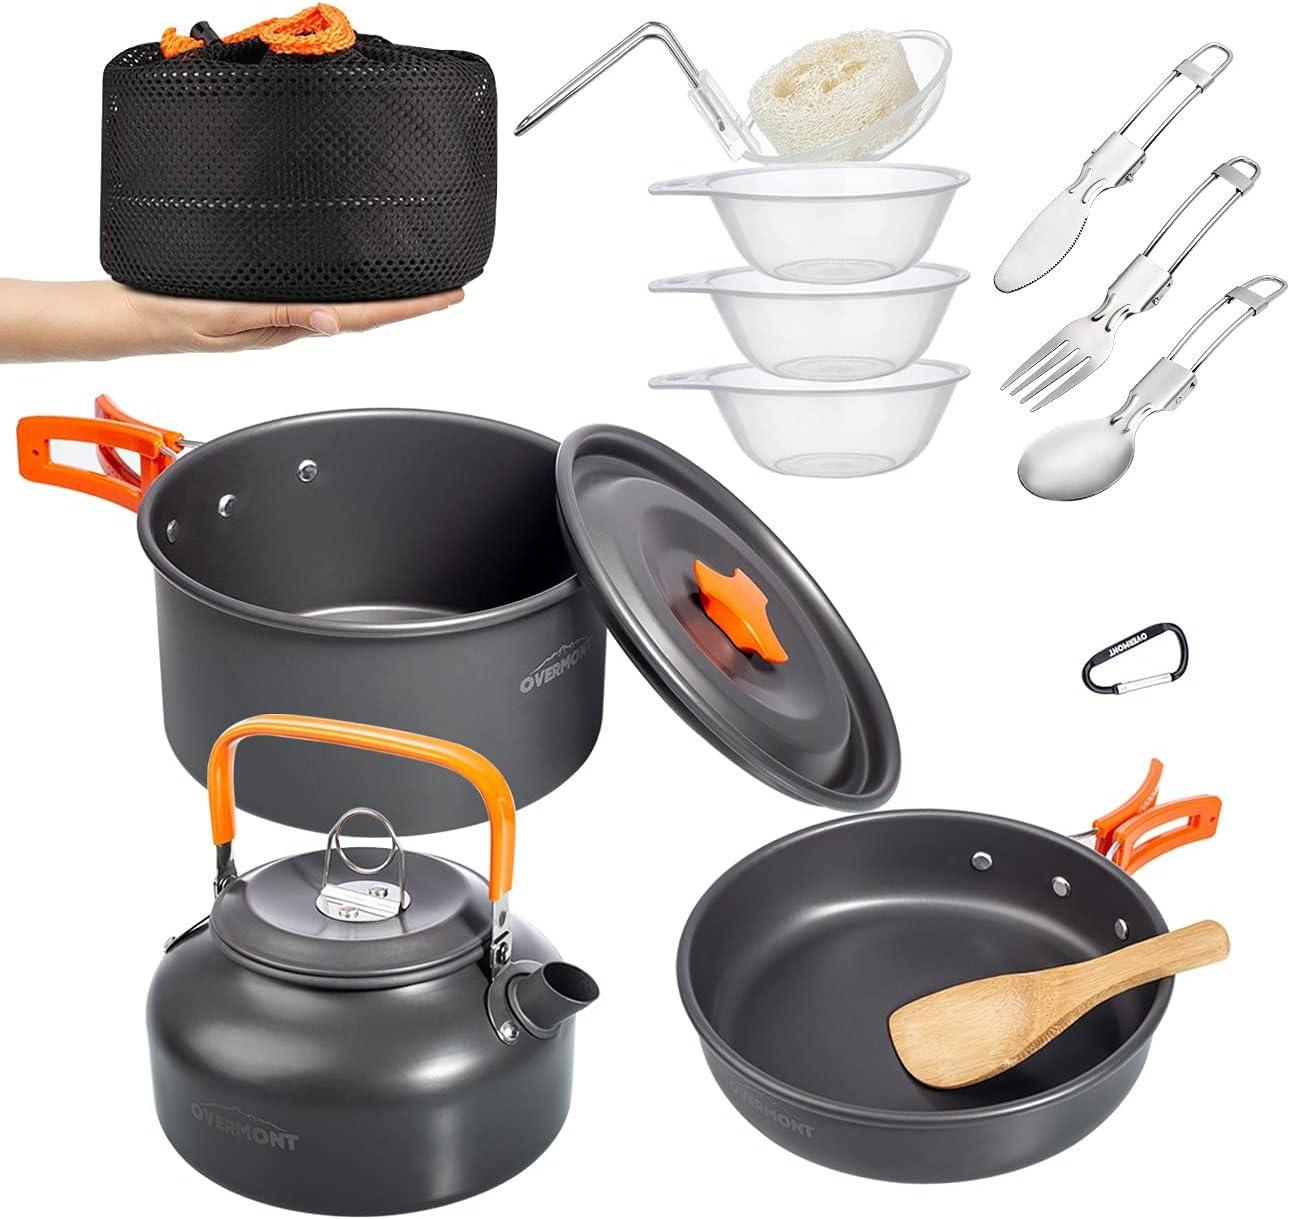 Overmont 14Pcs Kit de Utensilios Cocina Camping Olla Sartén Tetera Vajilla para Acampada Senderismo Excursión al Aire Llibre de Aluminio